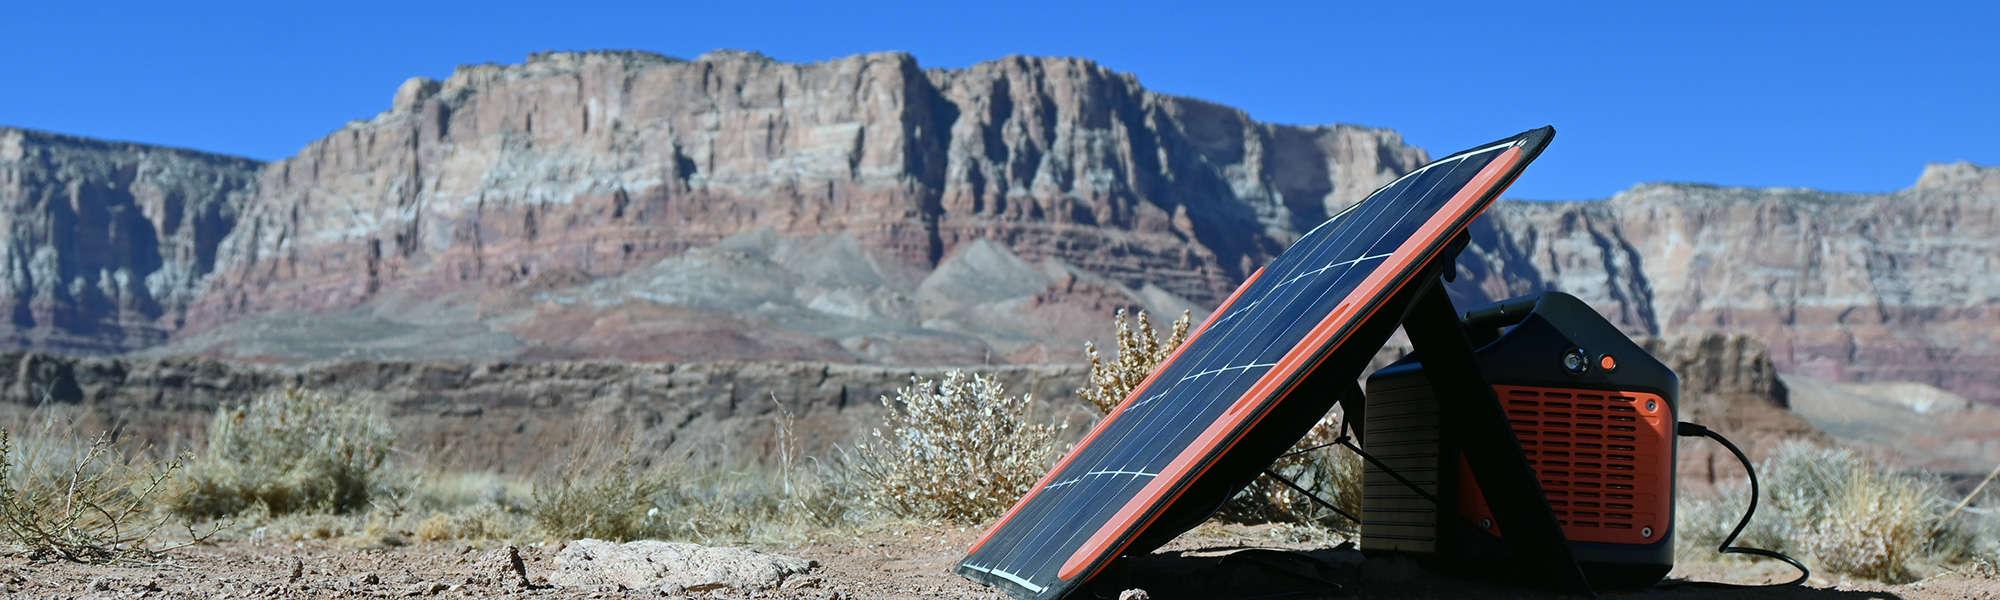 Jackery SolarSaga solar panel on the ground next to the Explorer 1000